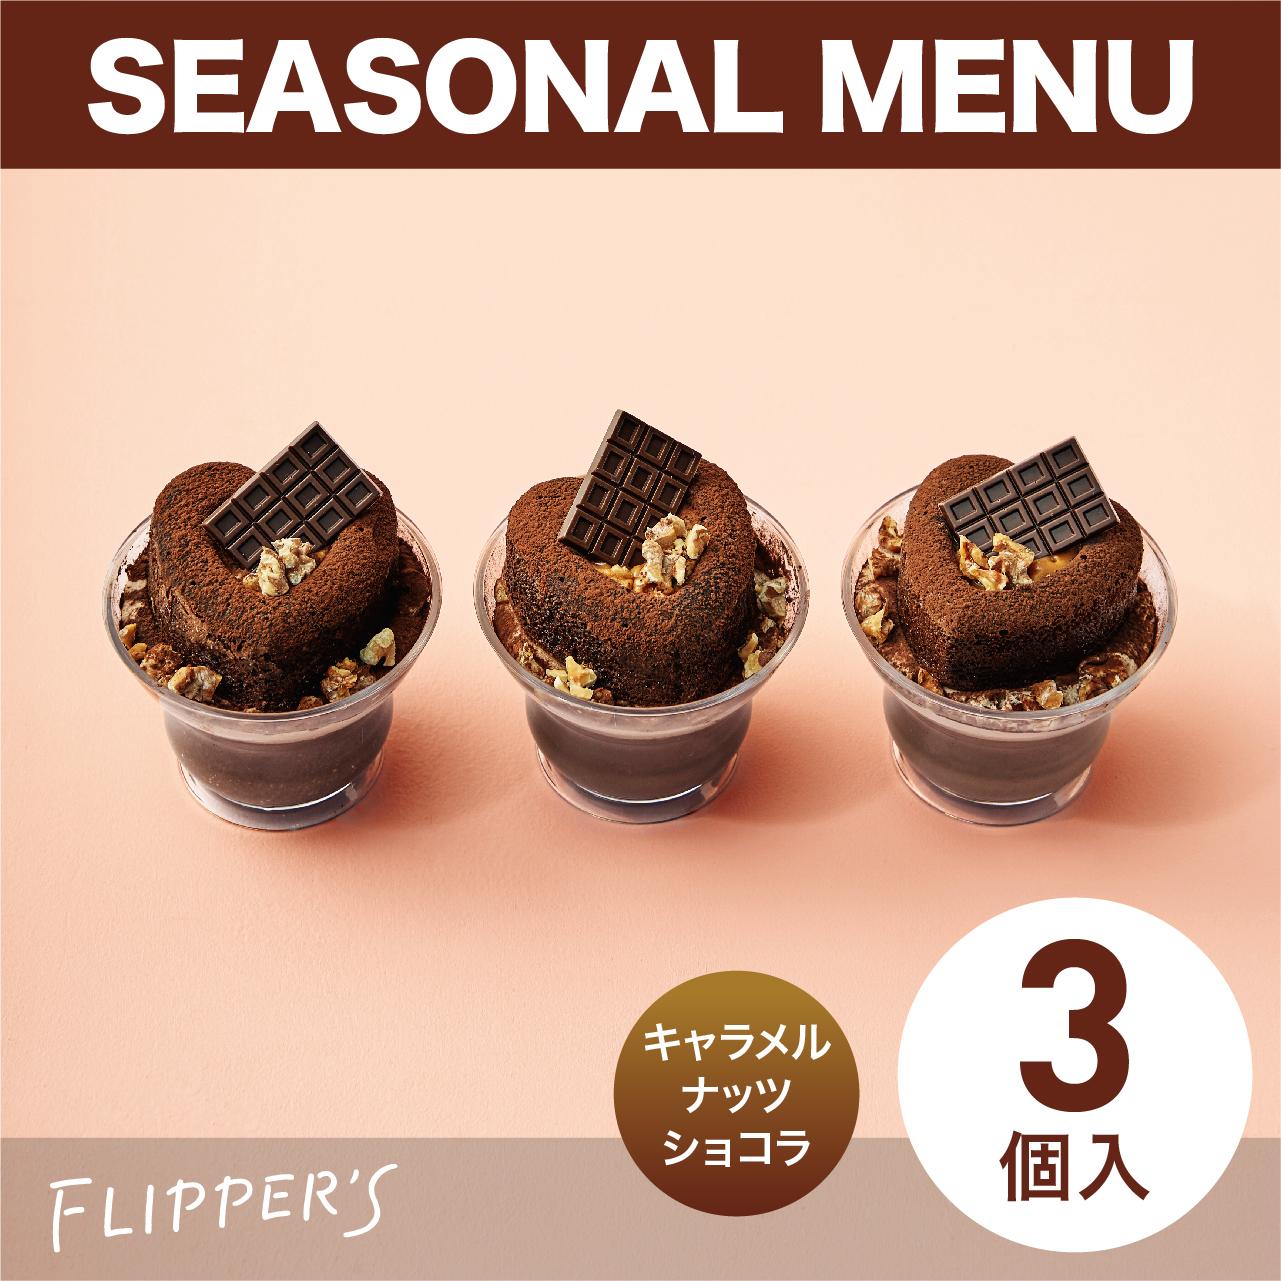 【発売記念価格】奇跡のスフレチーズプリン CHOCOLATE BOX (FLIPPER'S/フリッパーズ)